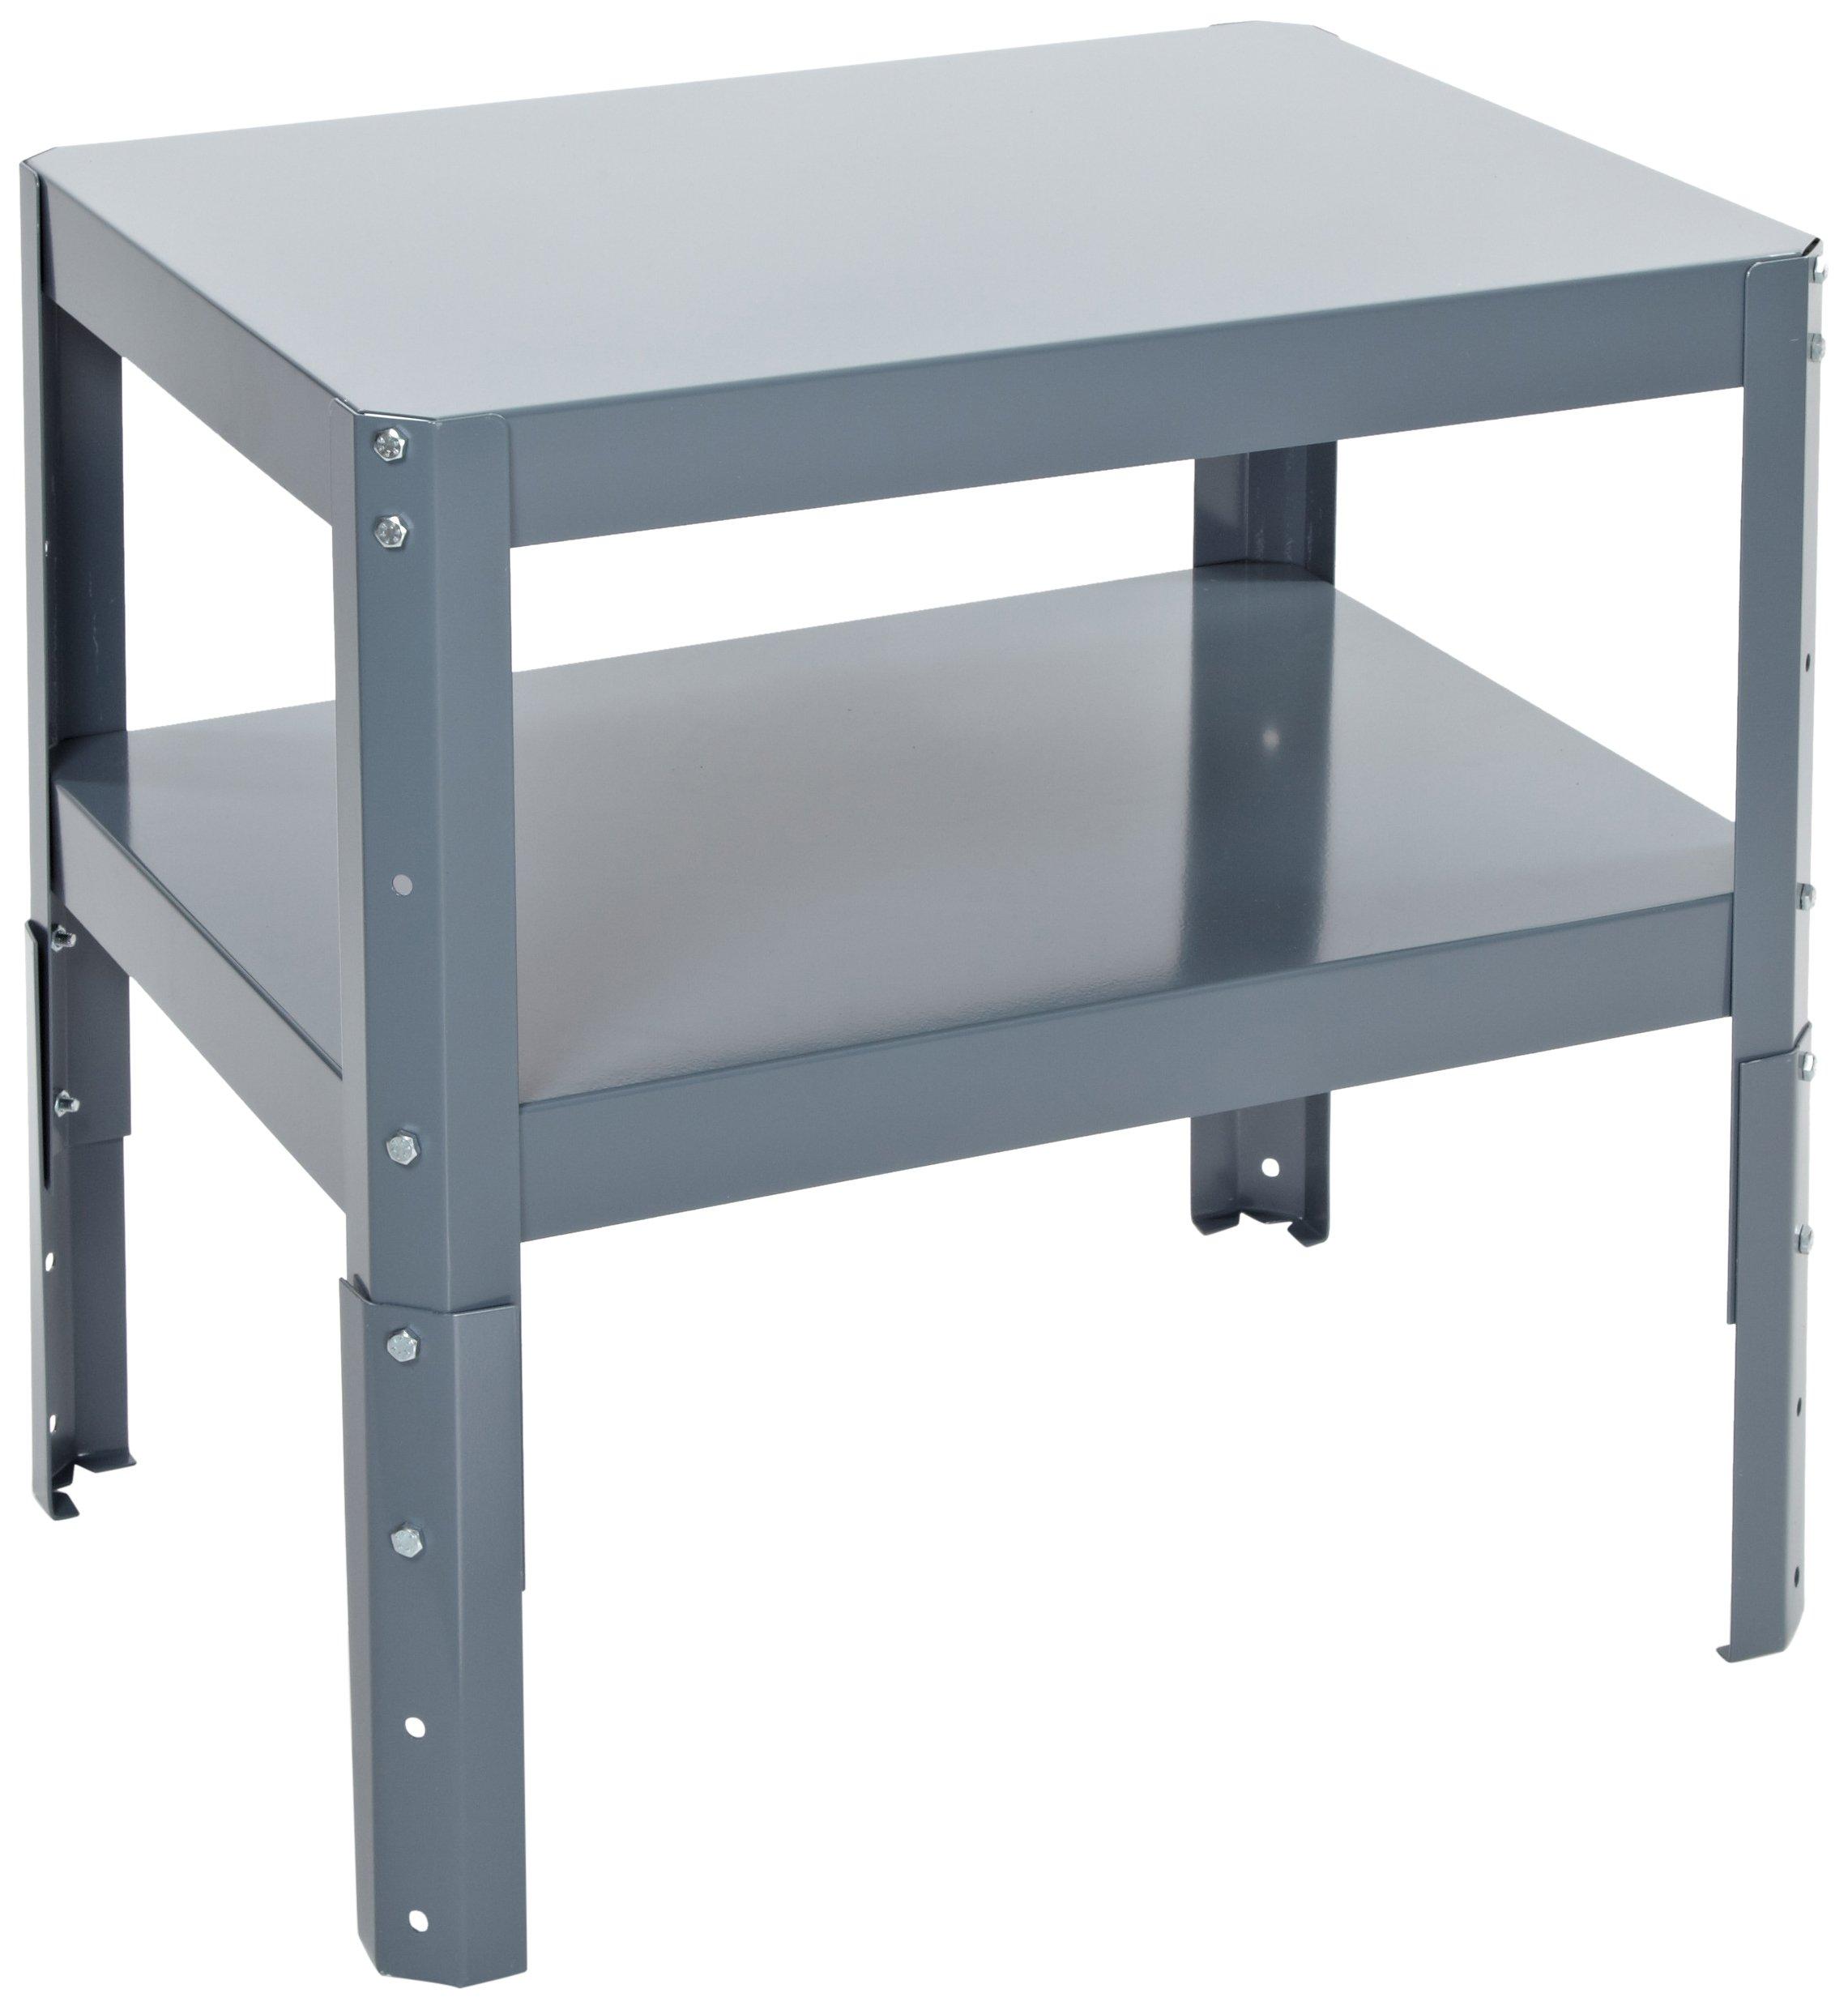 Edsal WT182418 Industrial Gray 16 Gauge Steel Multi-Purpose Work Table, 24'' Width x 18'' Height x 18'' Depth